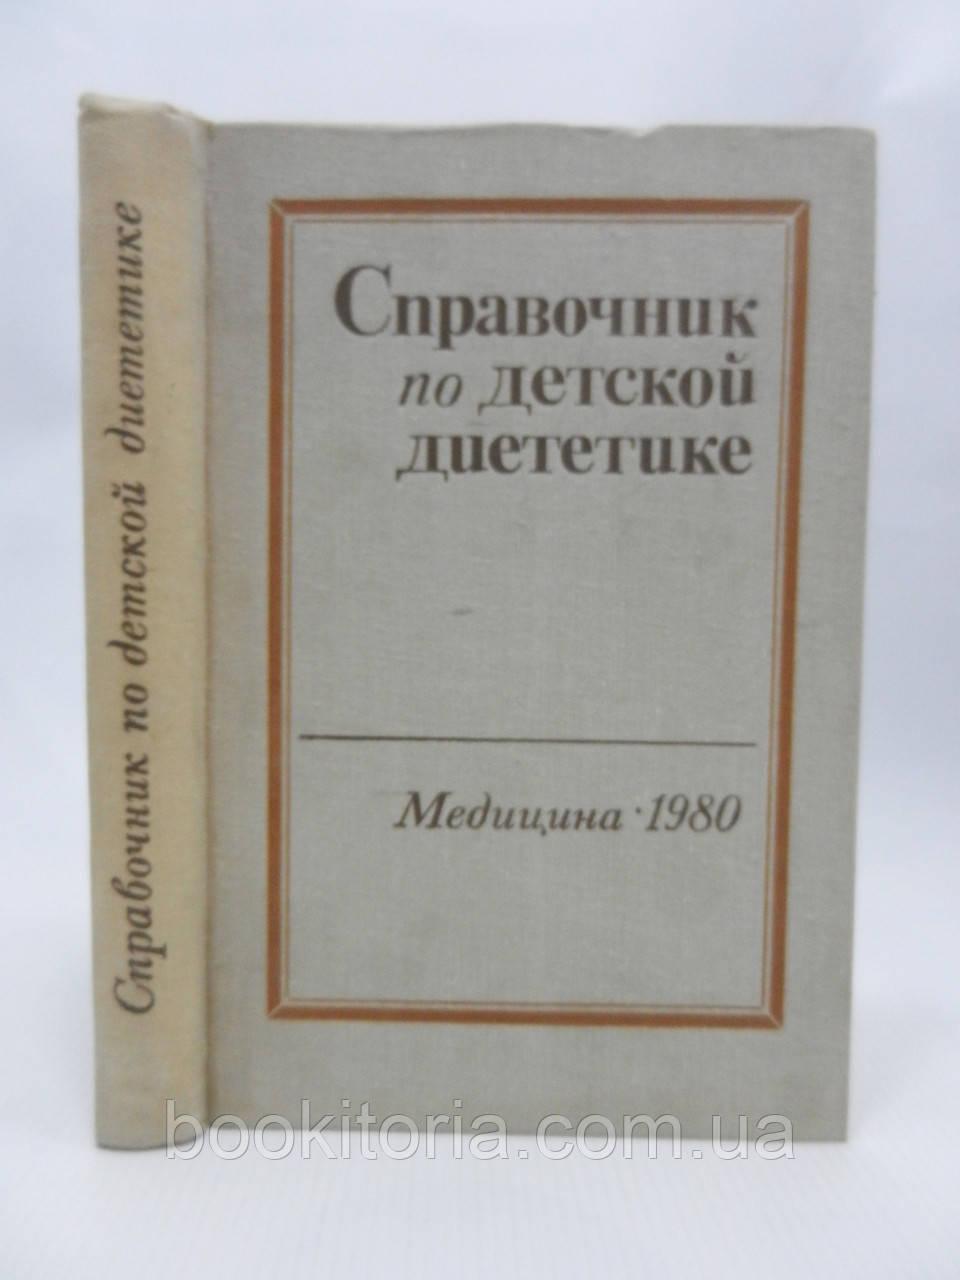 Воронцов И.М., Мазурин А.В. Справочник по детской диететике (б/у).